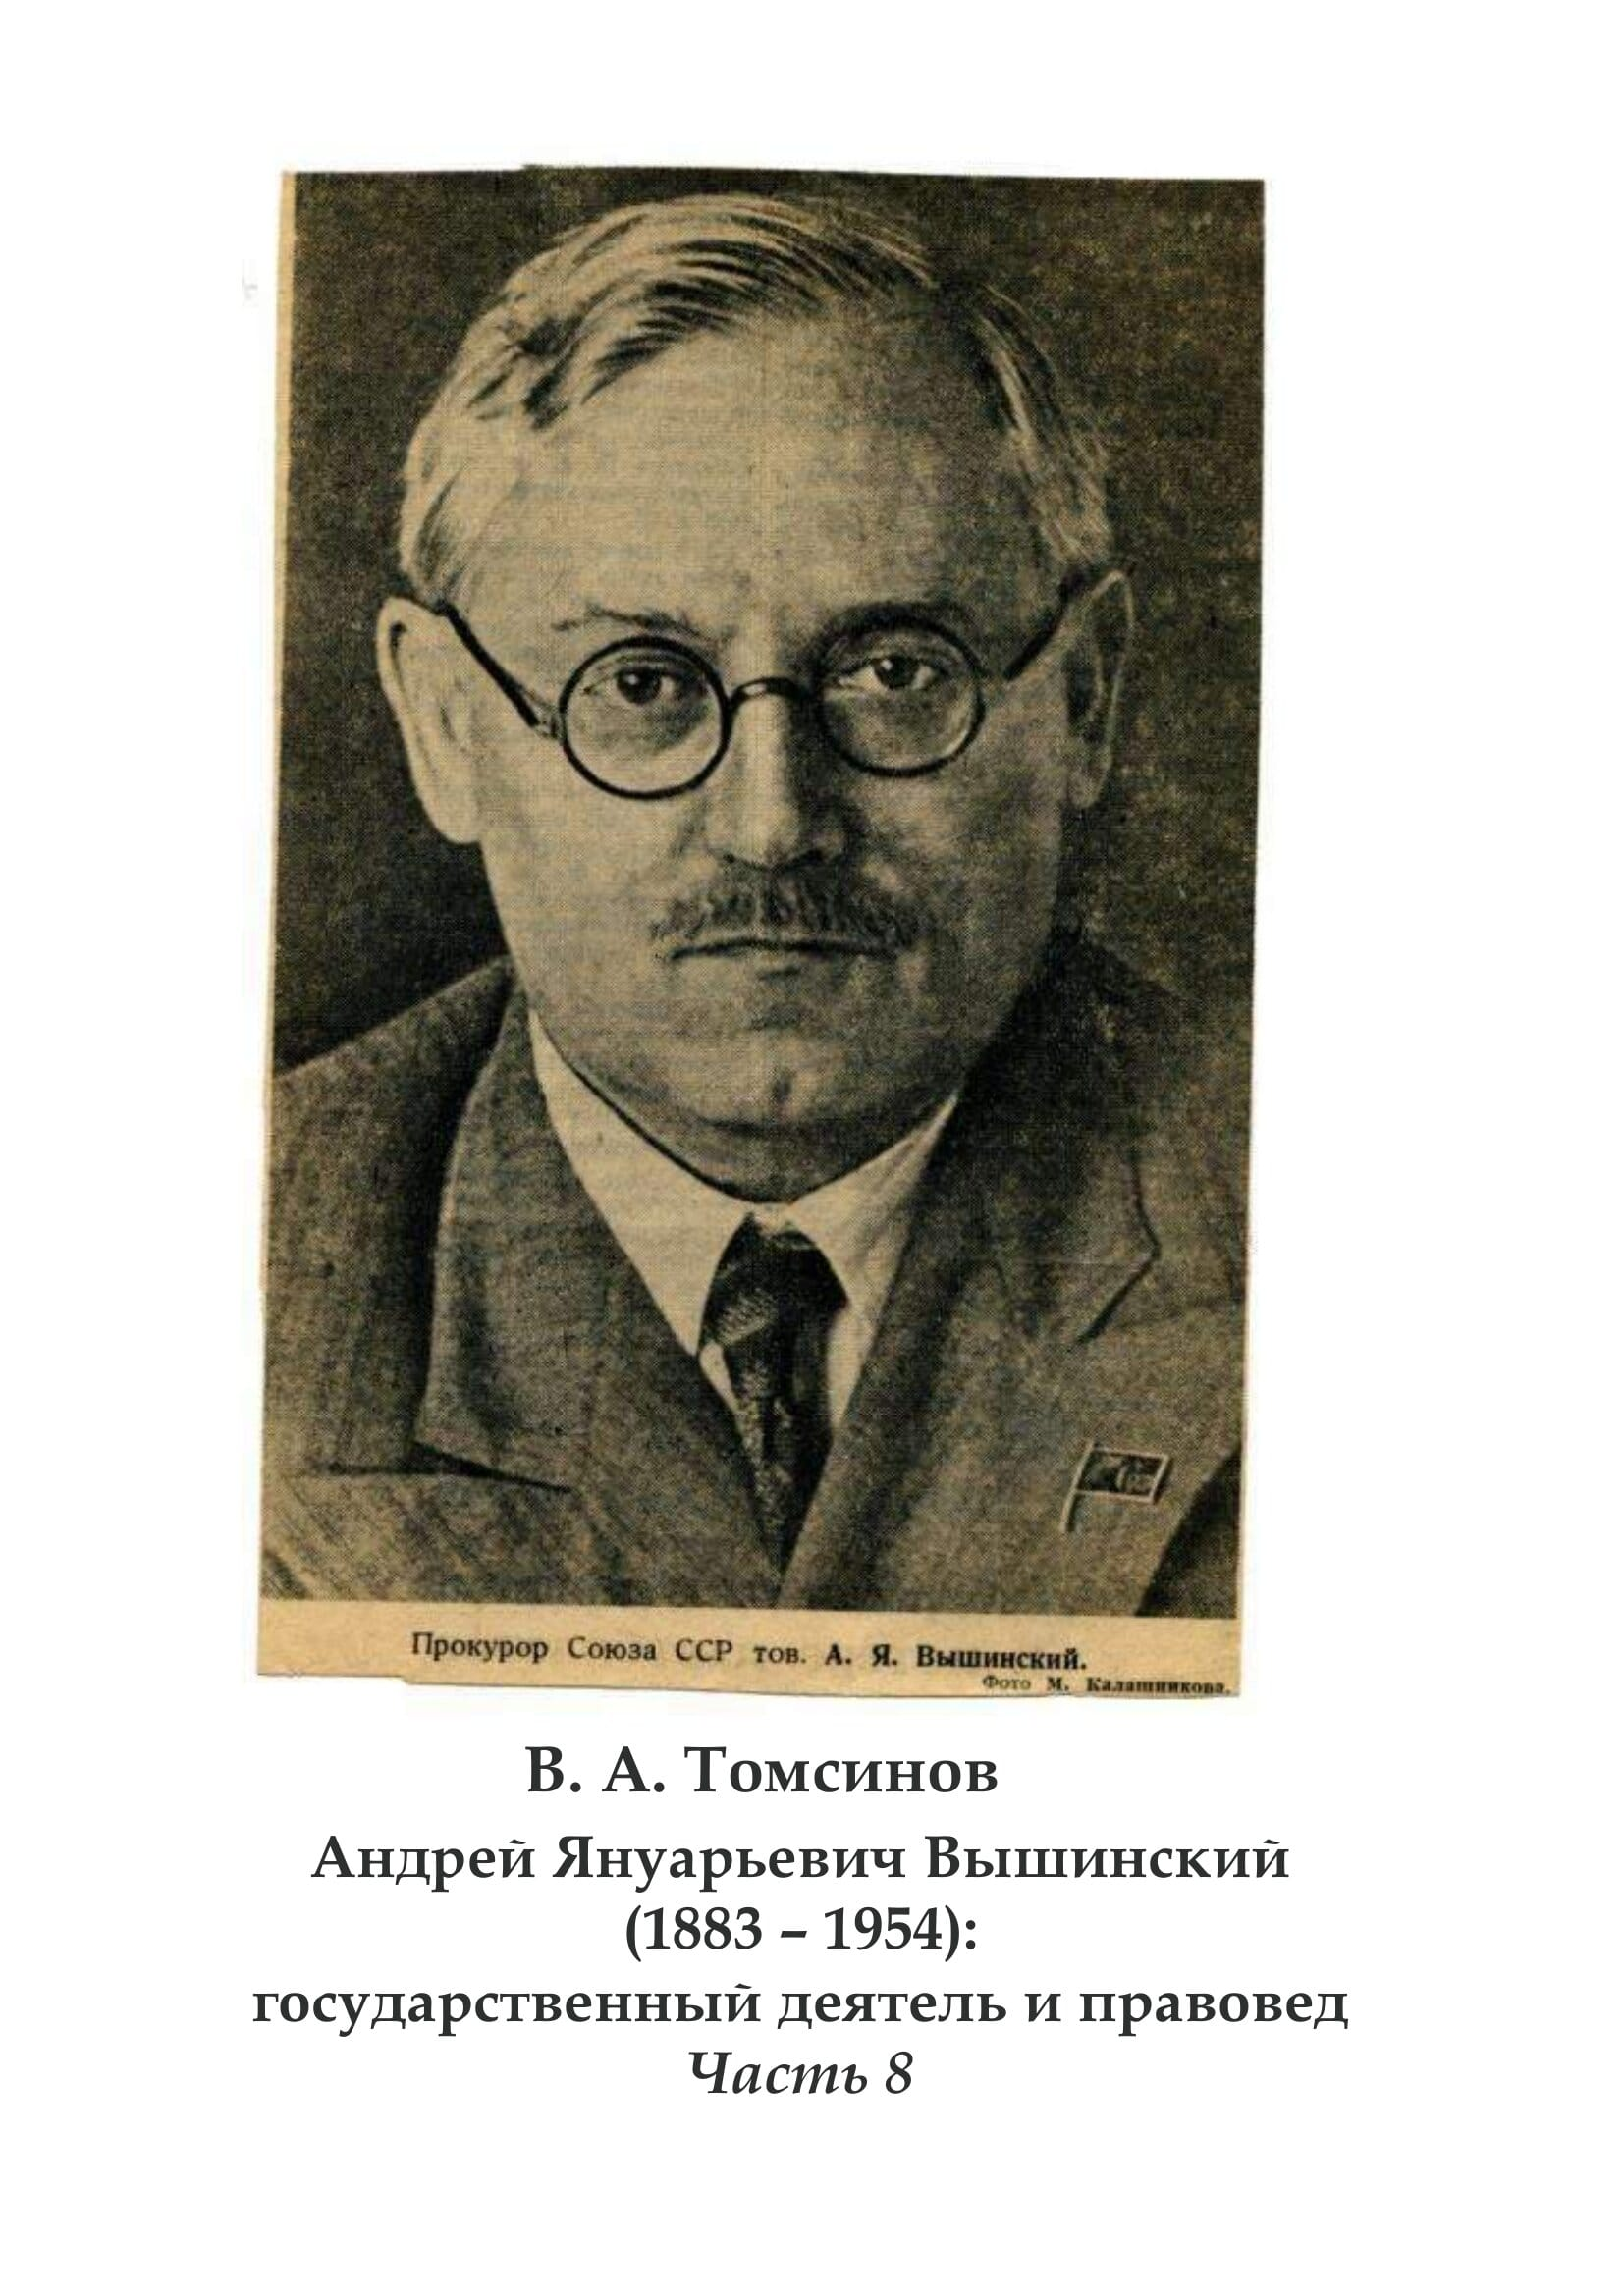 Томсинов В.А. Вышинский. Часть 8